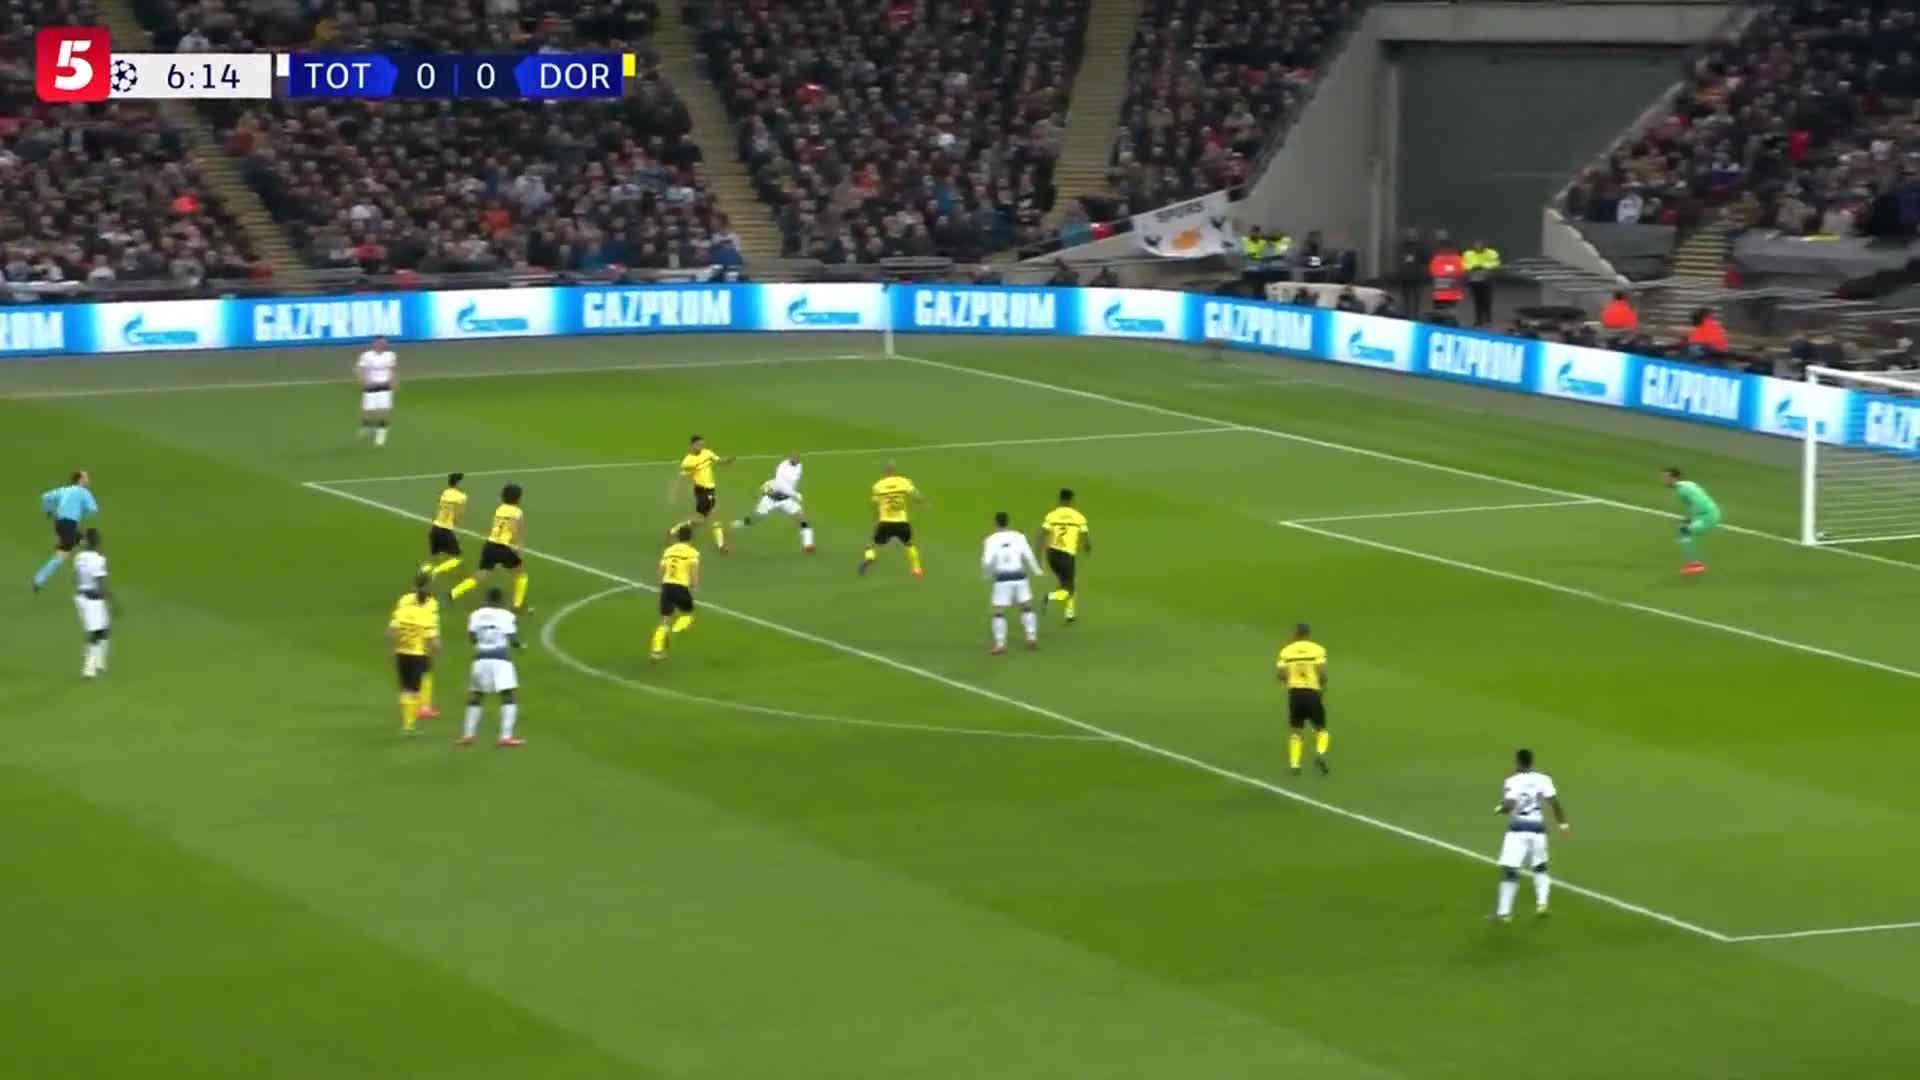 [视频]欧冠:热刺3-0大胜多特蒙德 孙兴慜破门铁卫传射